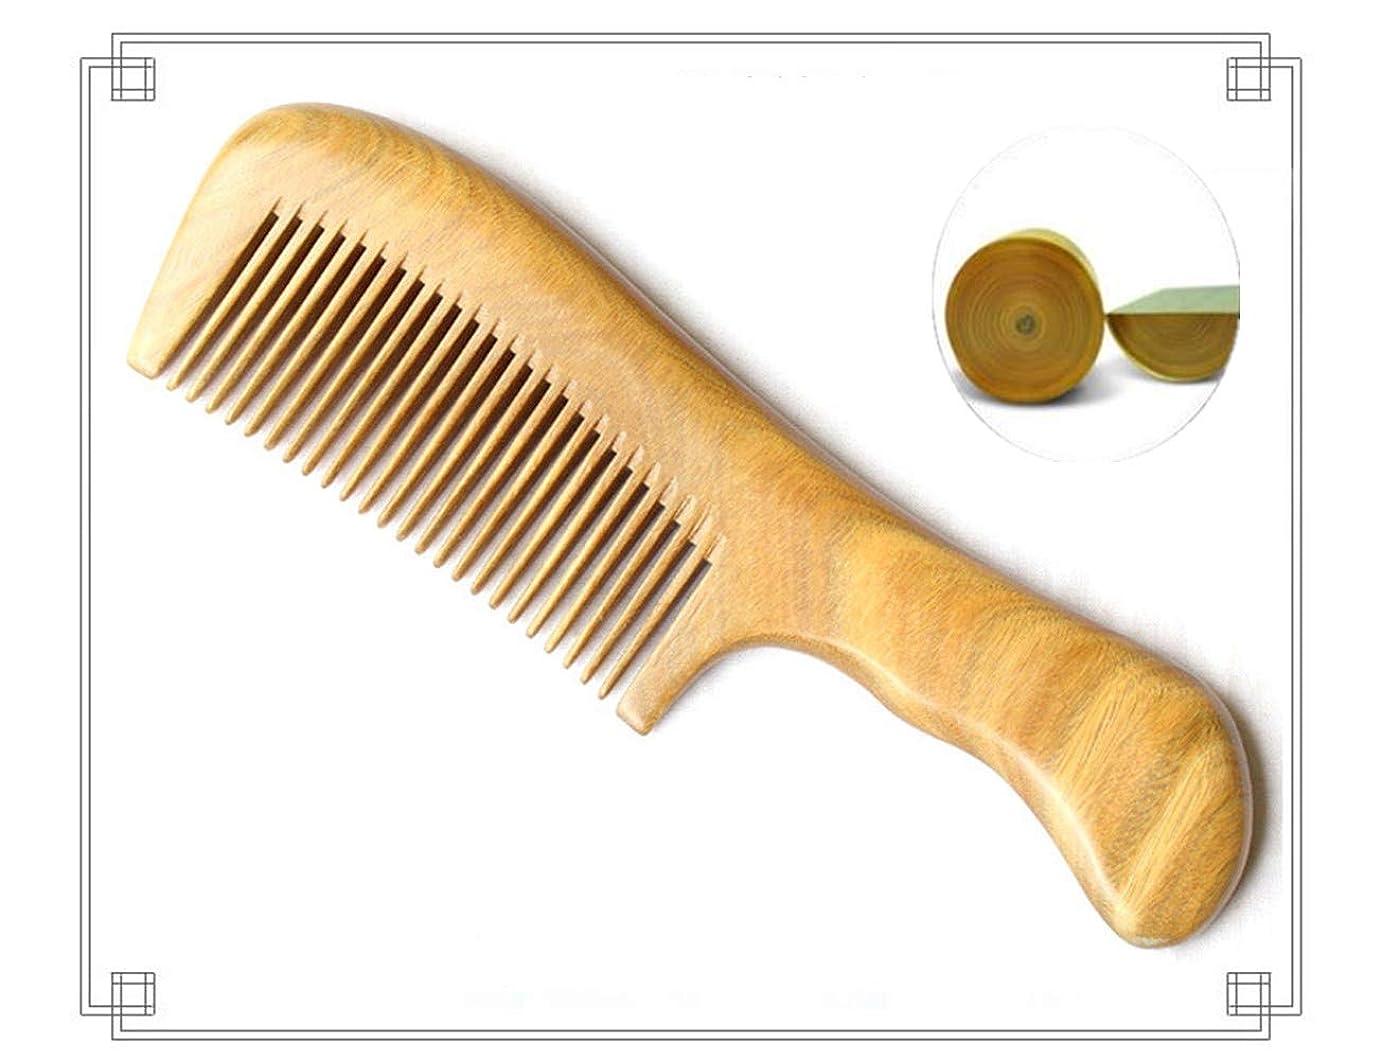 パキスタン人シフトスリル高級木製櫛 天然 绿檀木櫛 くし クシ 静電防止 抜け毛を防ぐ 頭皮ケア ヘアケア マッサージ頭皮 お土産母の日ギフト 男性と女性の両方が使用することができます